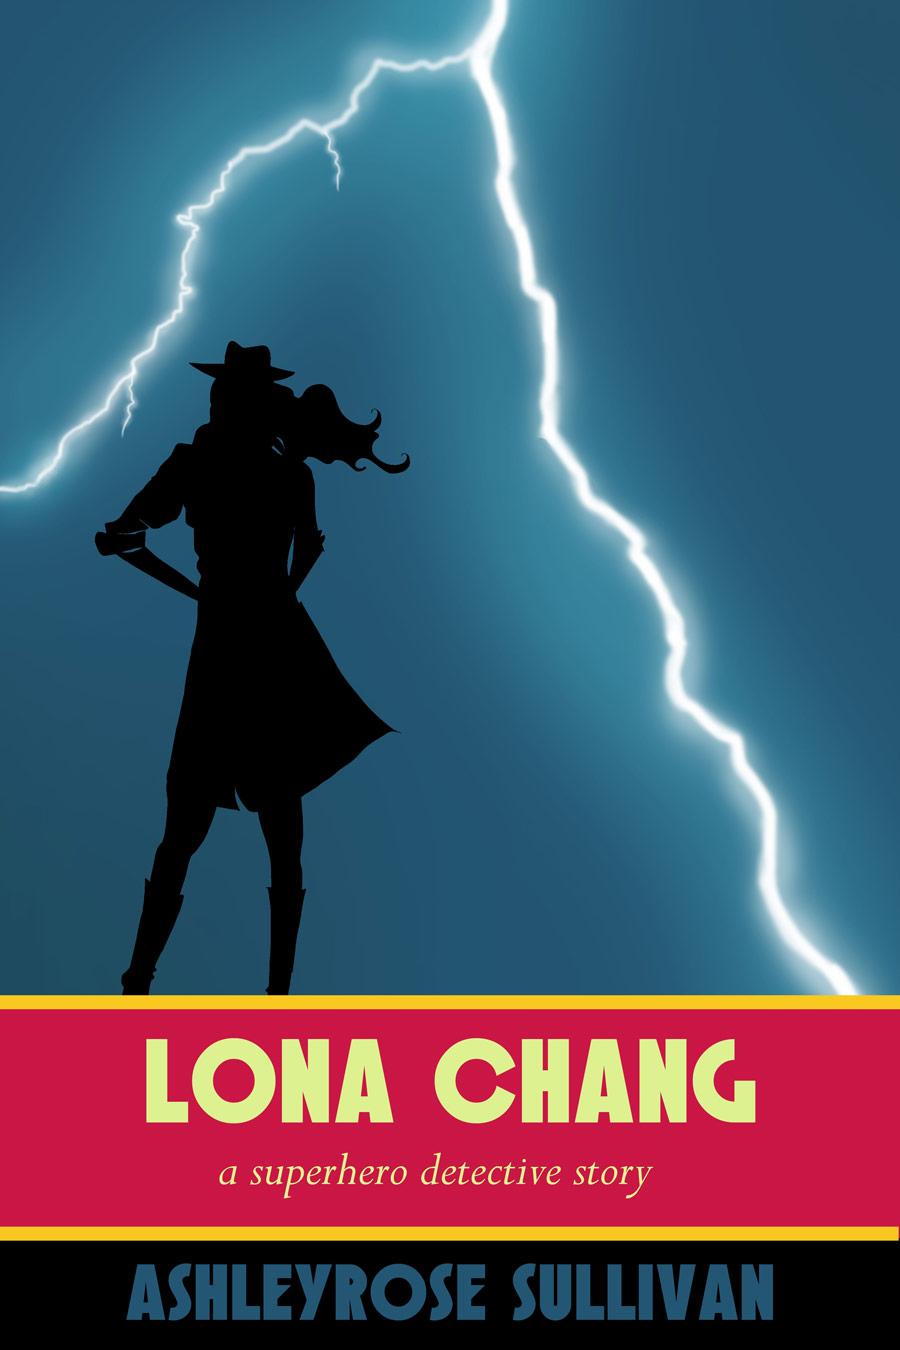 Lona Chang